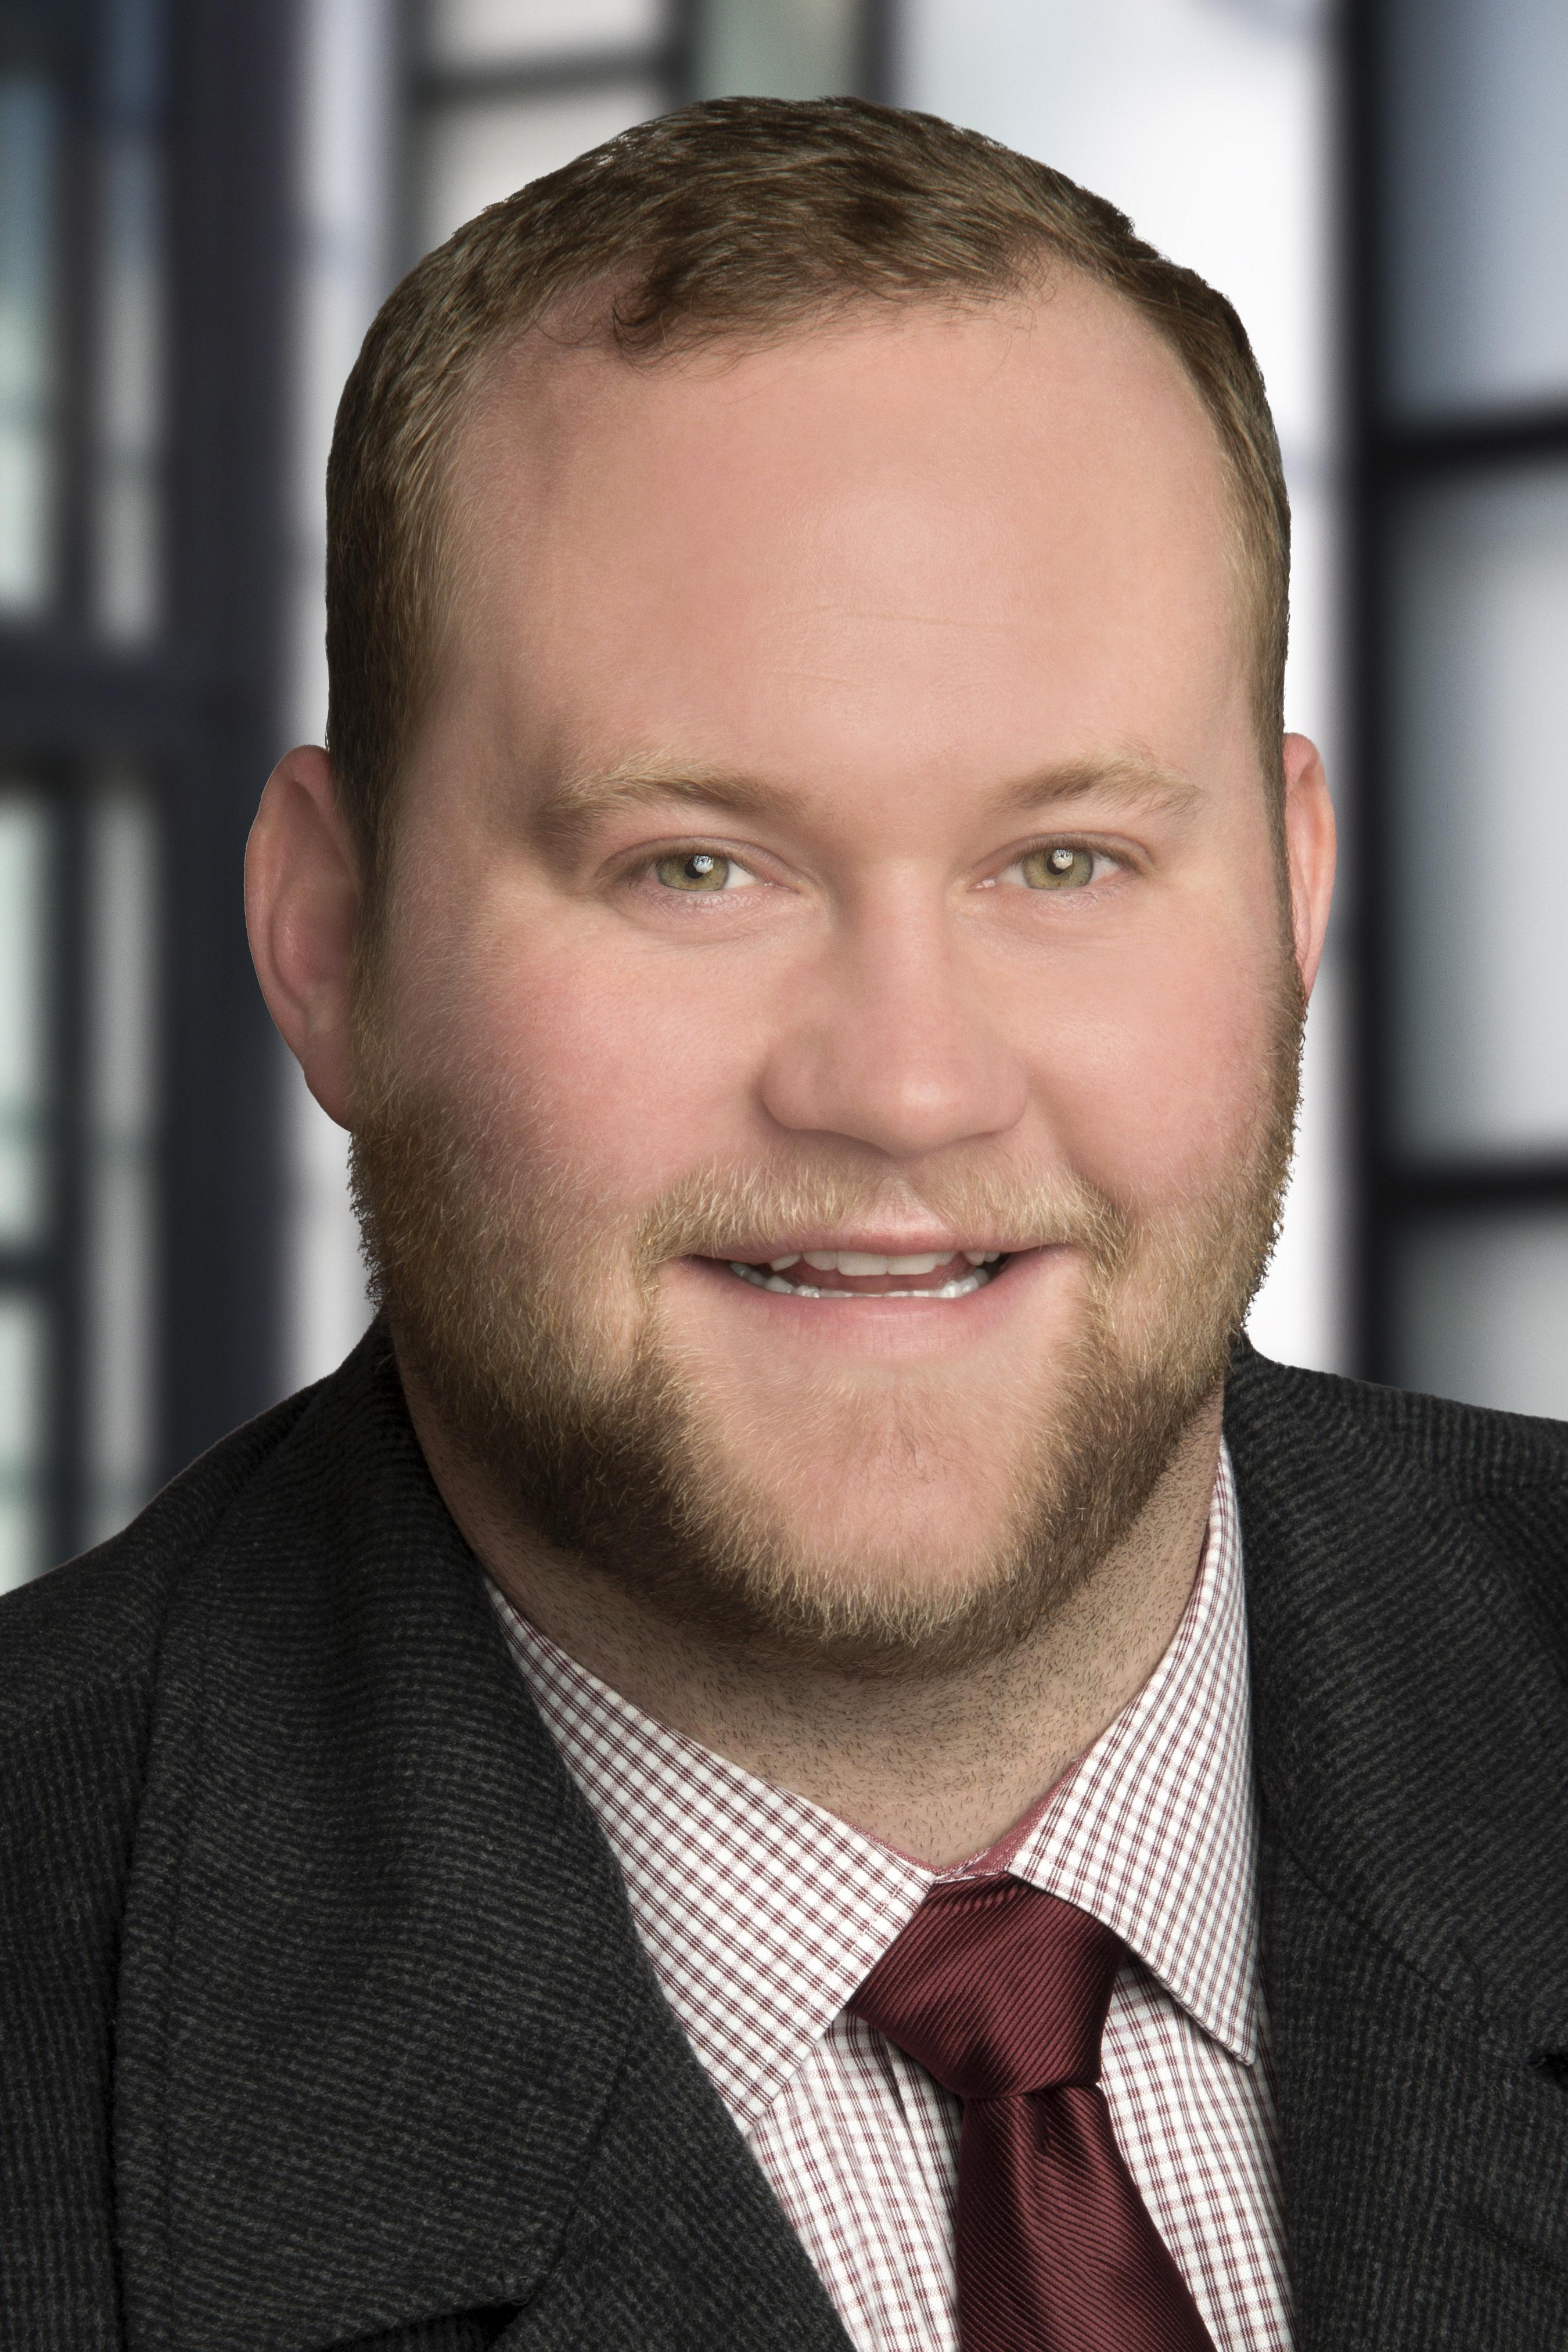 Danielle lewis attorney - Steven P Slayden